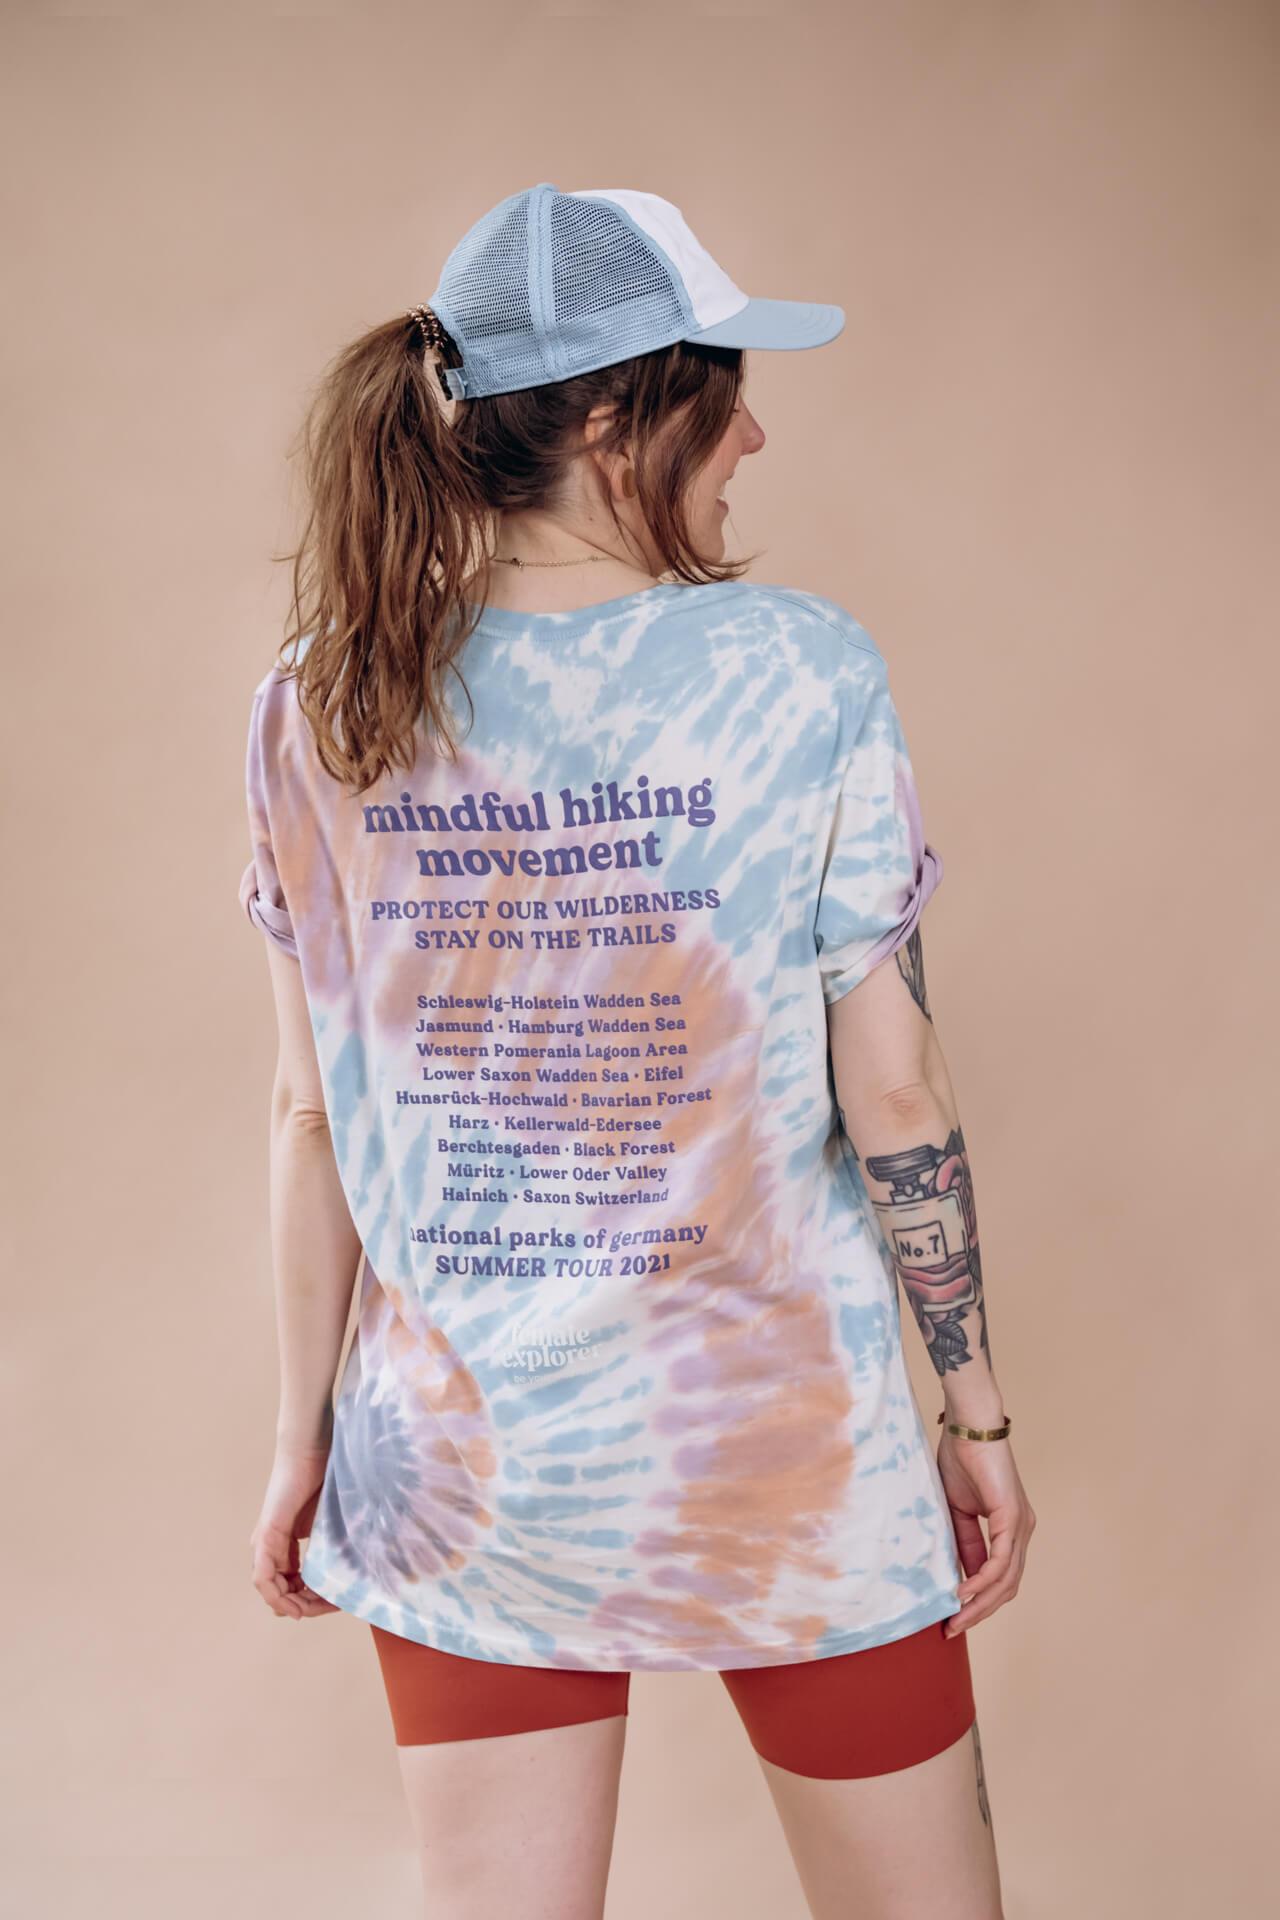 thefemaleexplorer-merch-tshirt-tie-dye-mindfulhikingmovement-w-4739